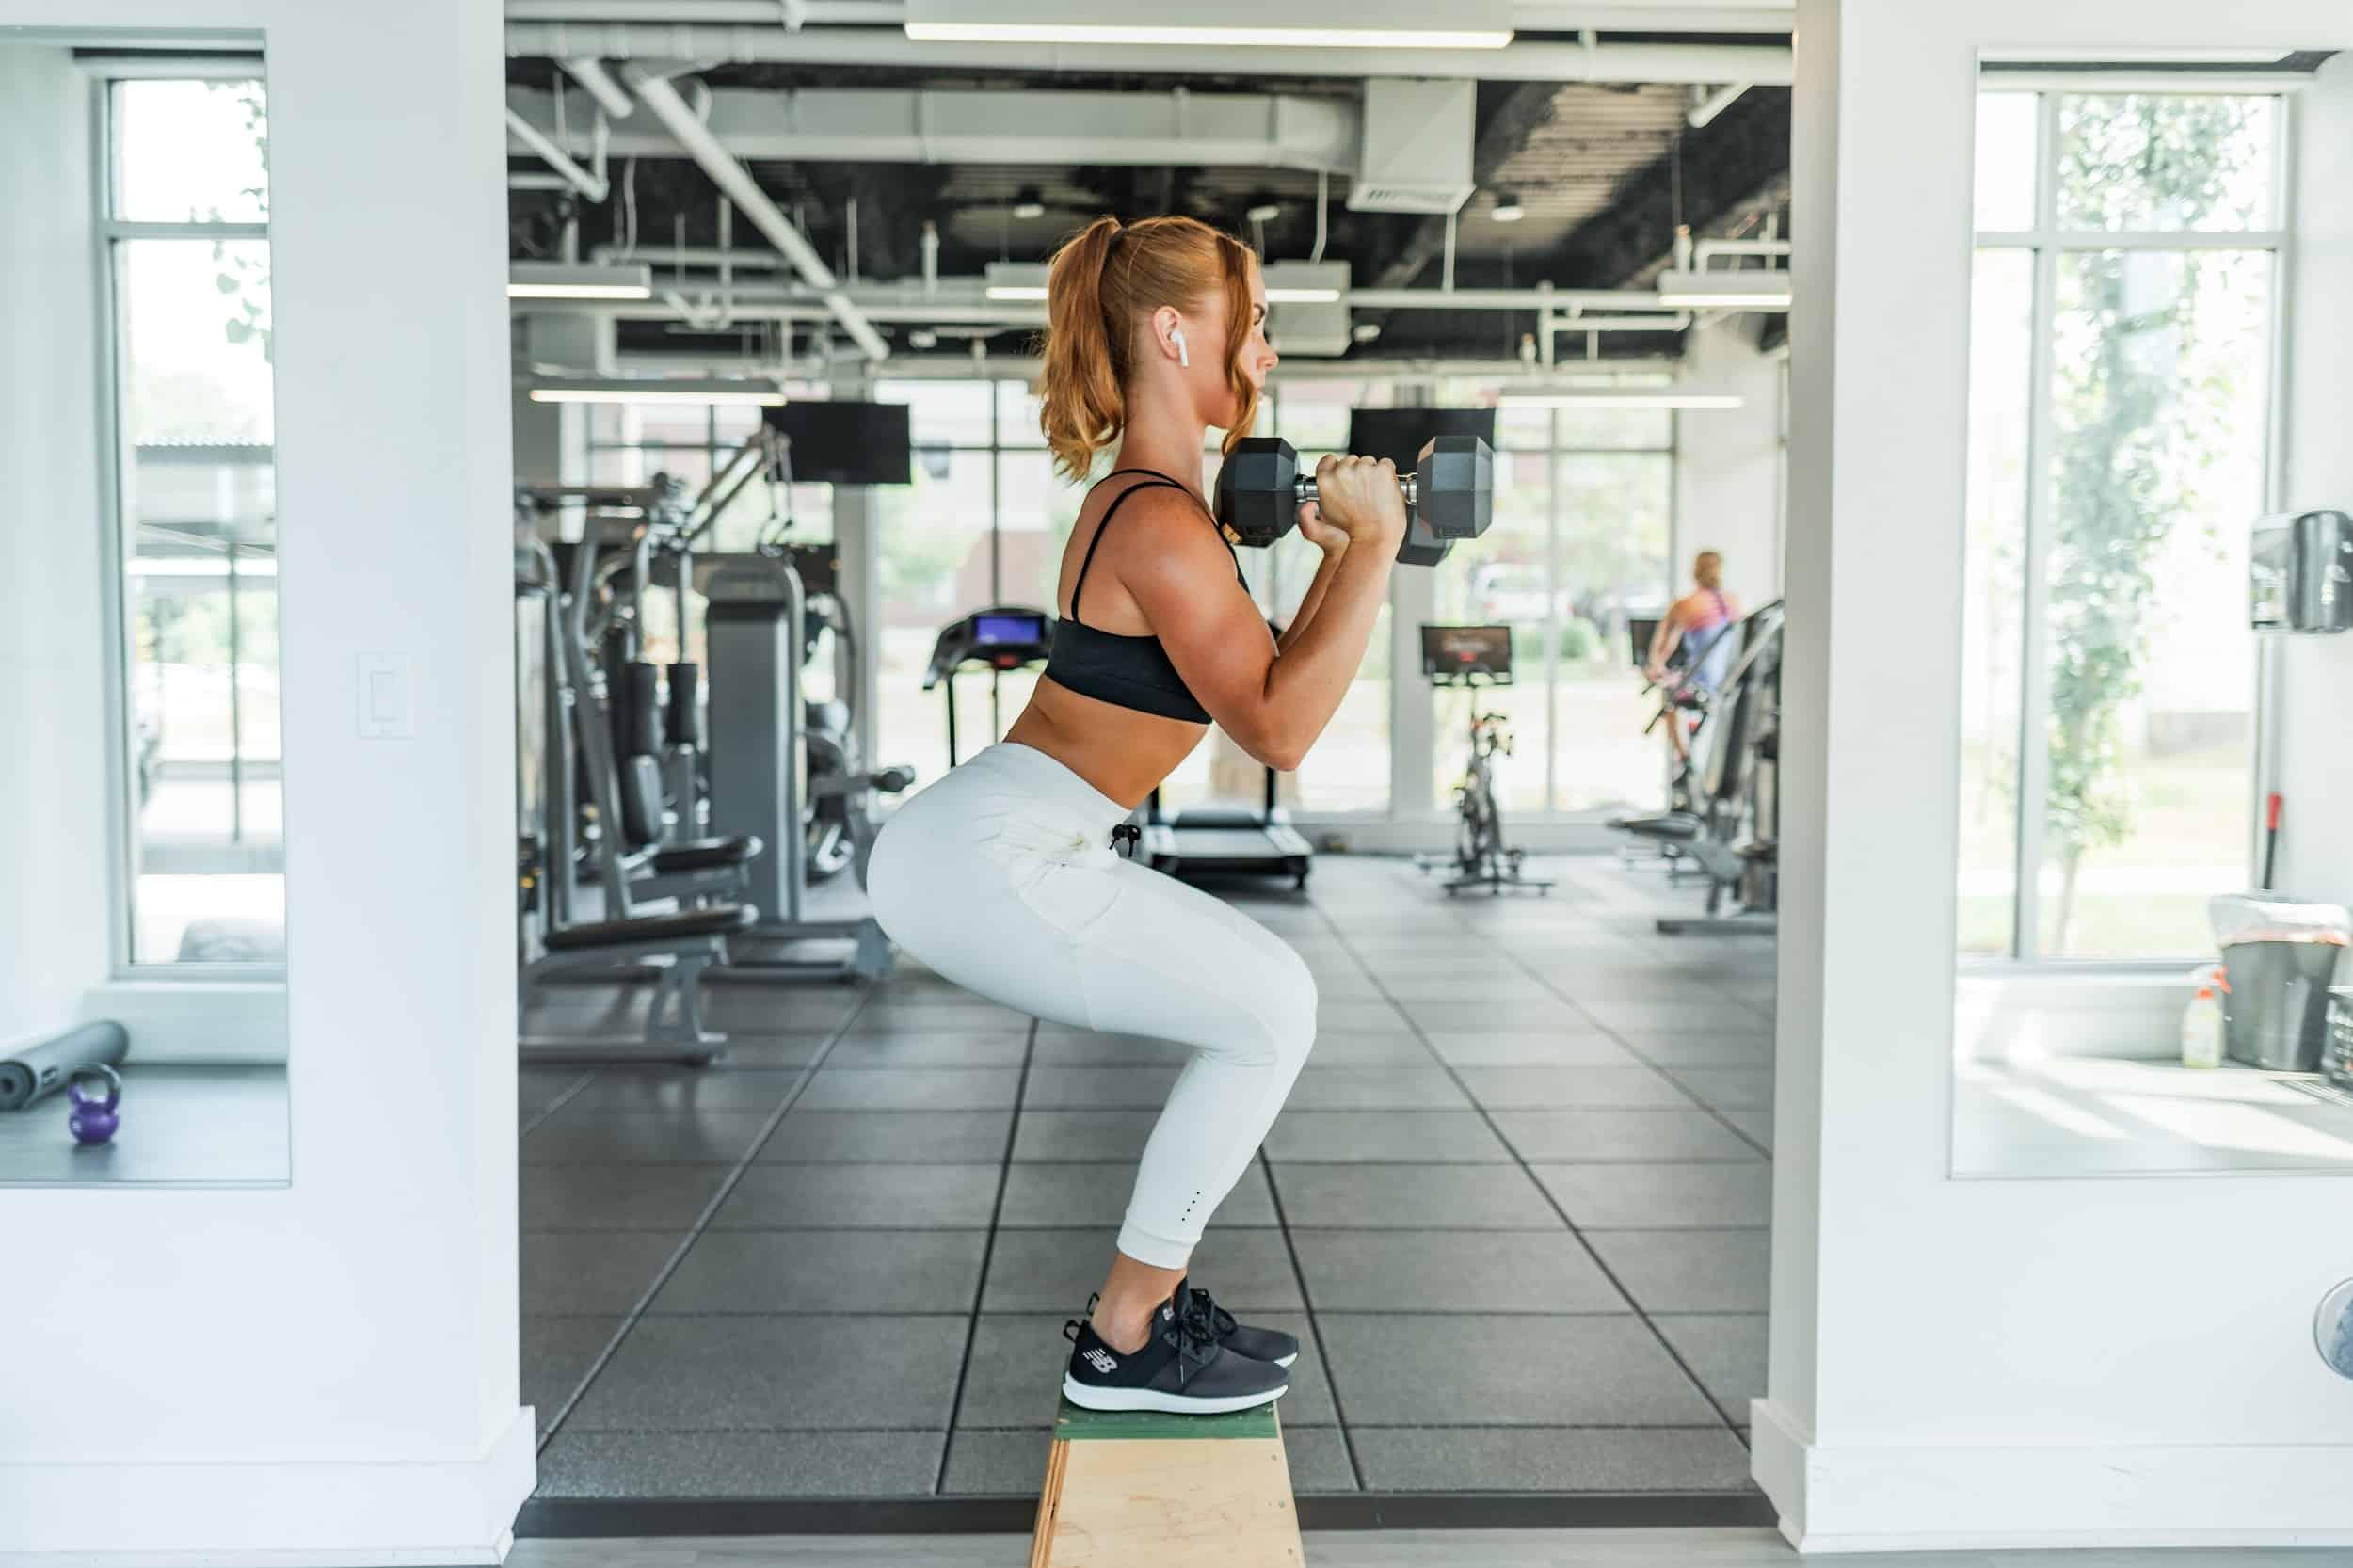 10 тренировок нижней части тела, которые может попробовать каждый дома